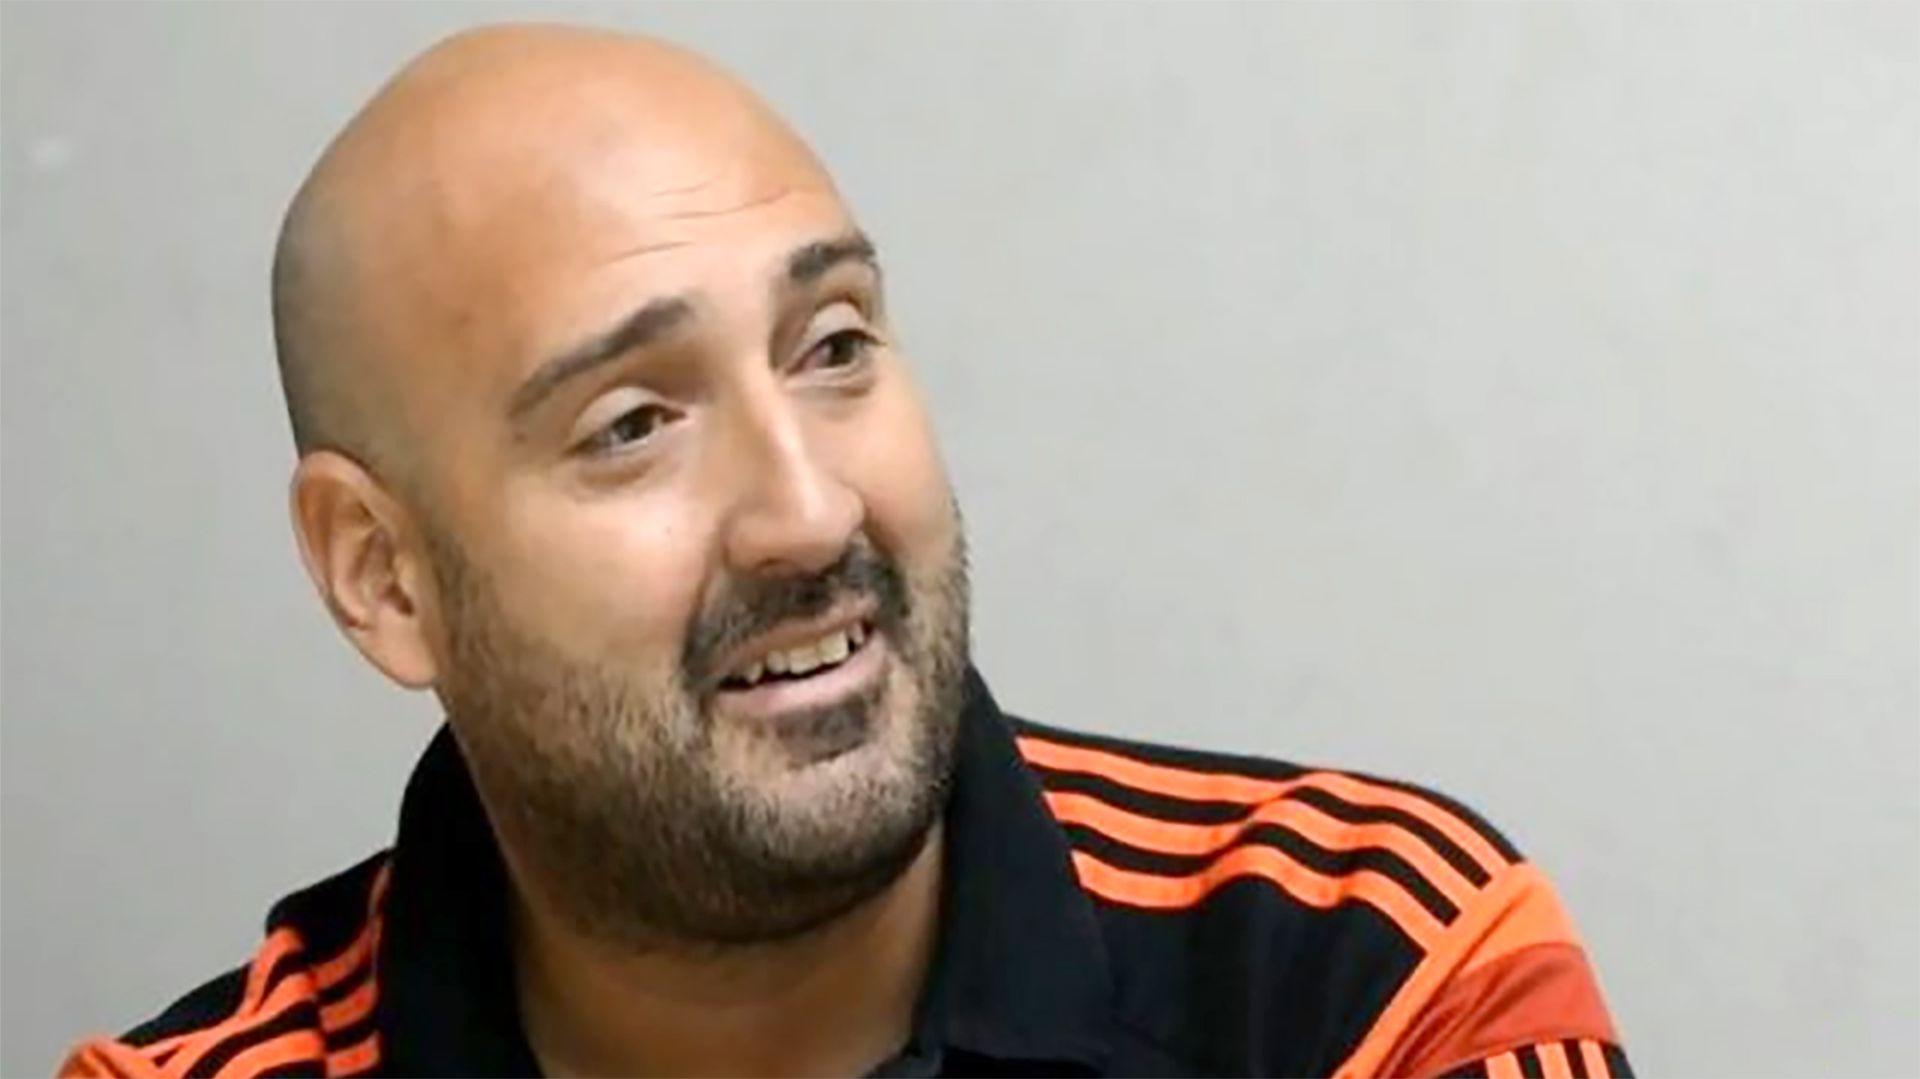 Martín Castro, profesor de Vóley en River procesado por abuso